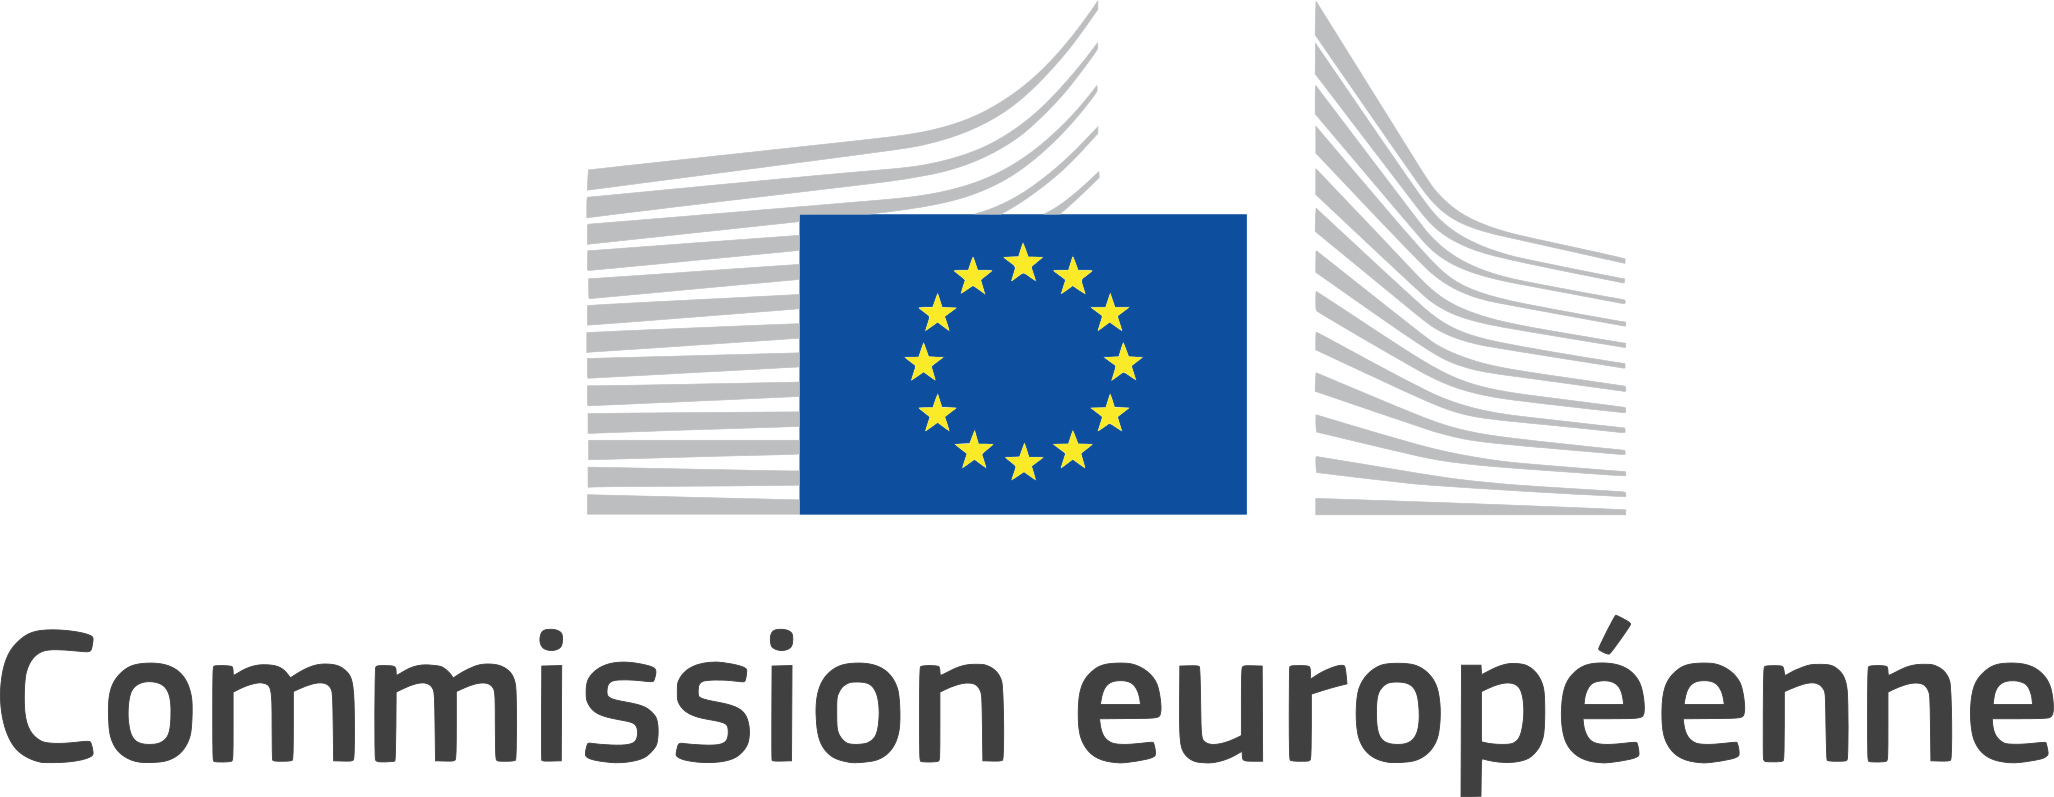 Commission européènne